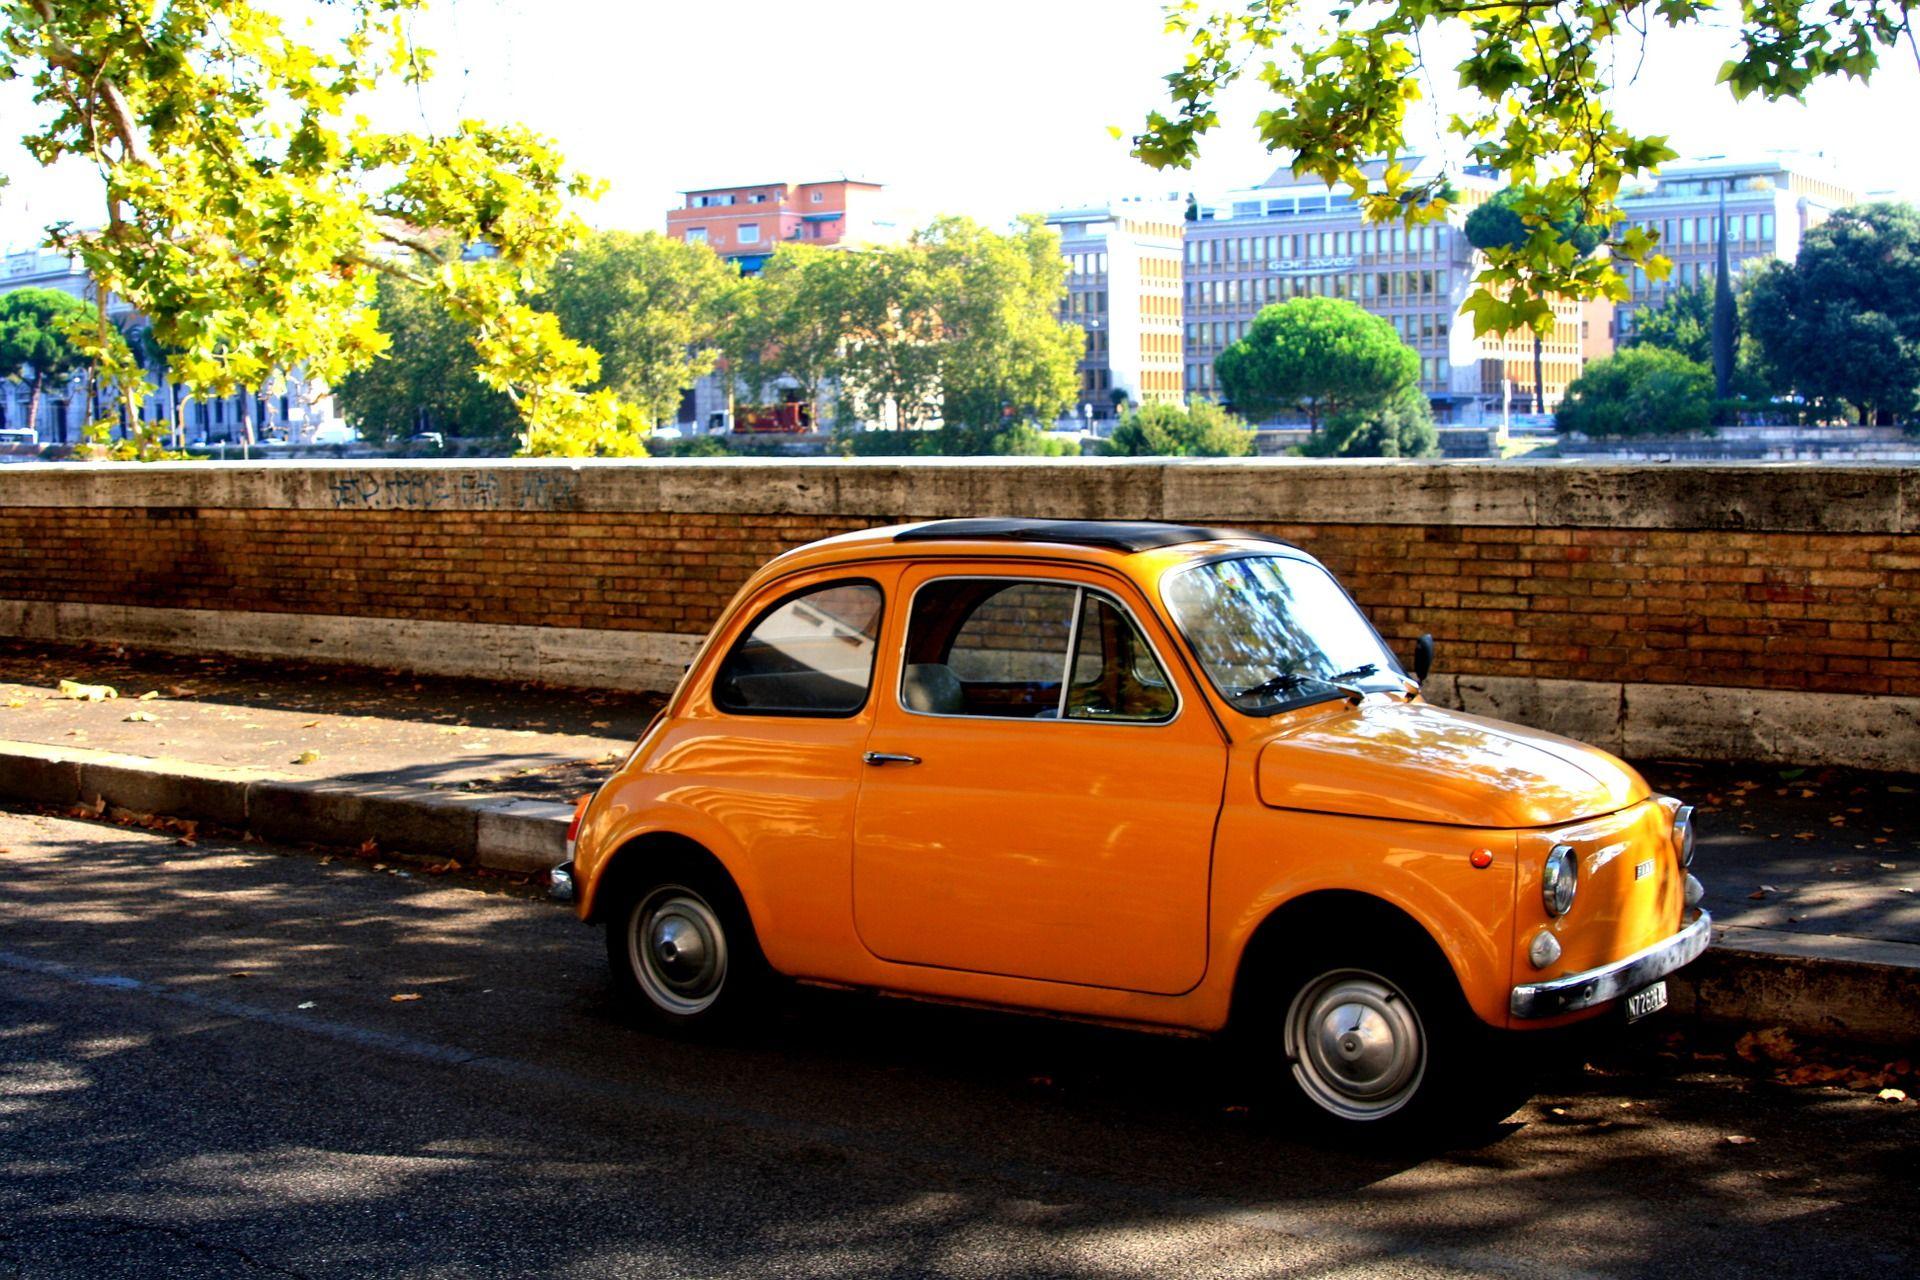 Wypożyczenie samochodu we Włoszech jak to zrobić gdzie